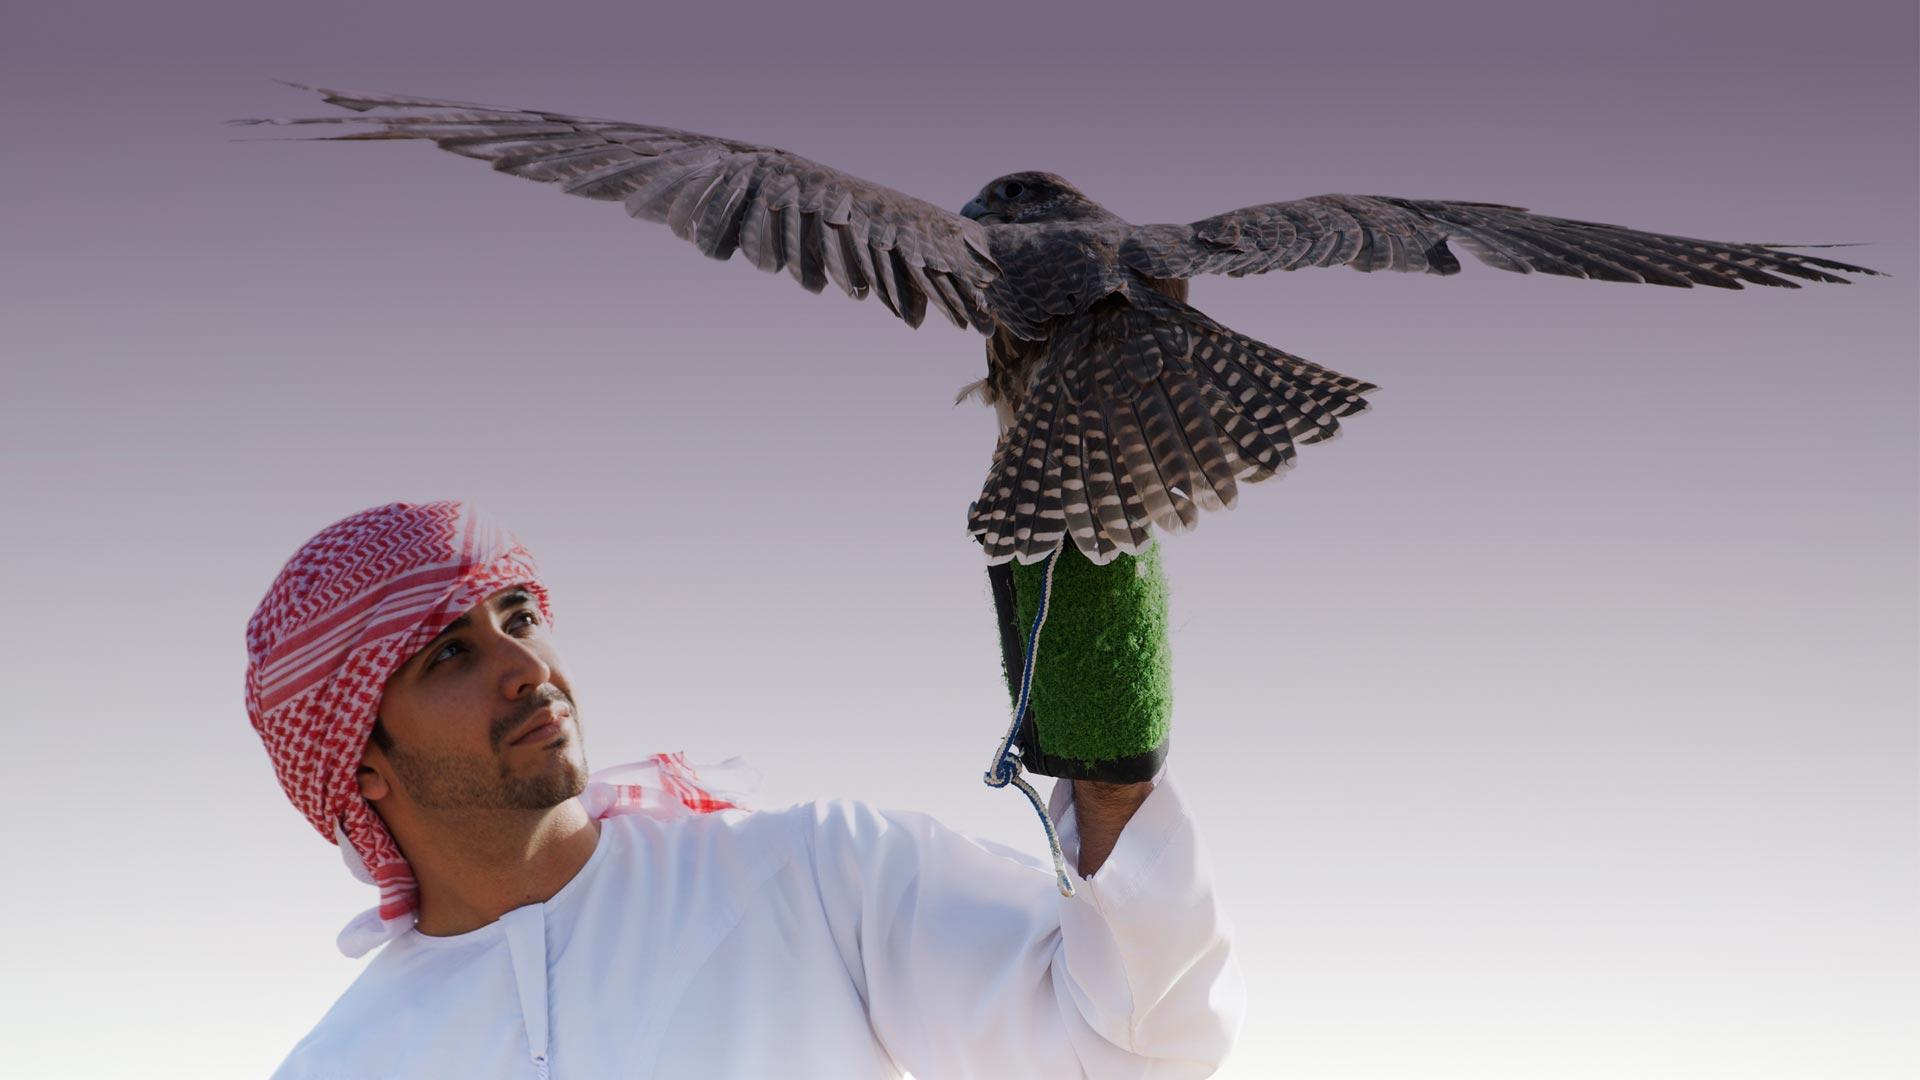 matterhorn branding falcon